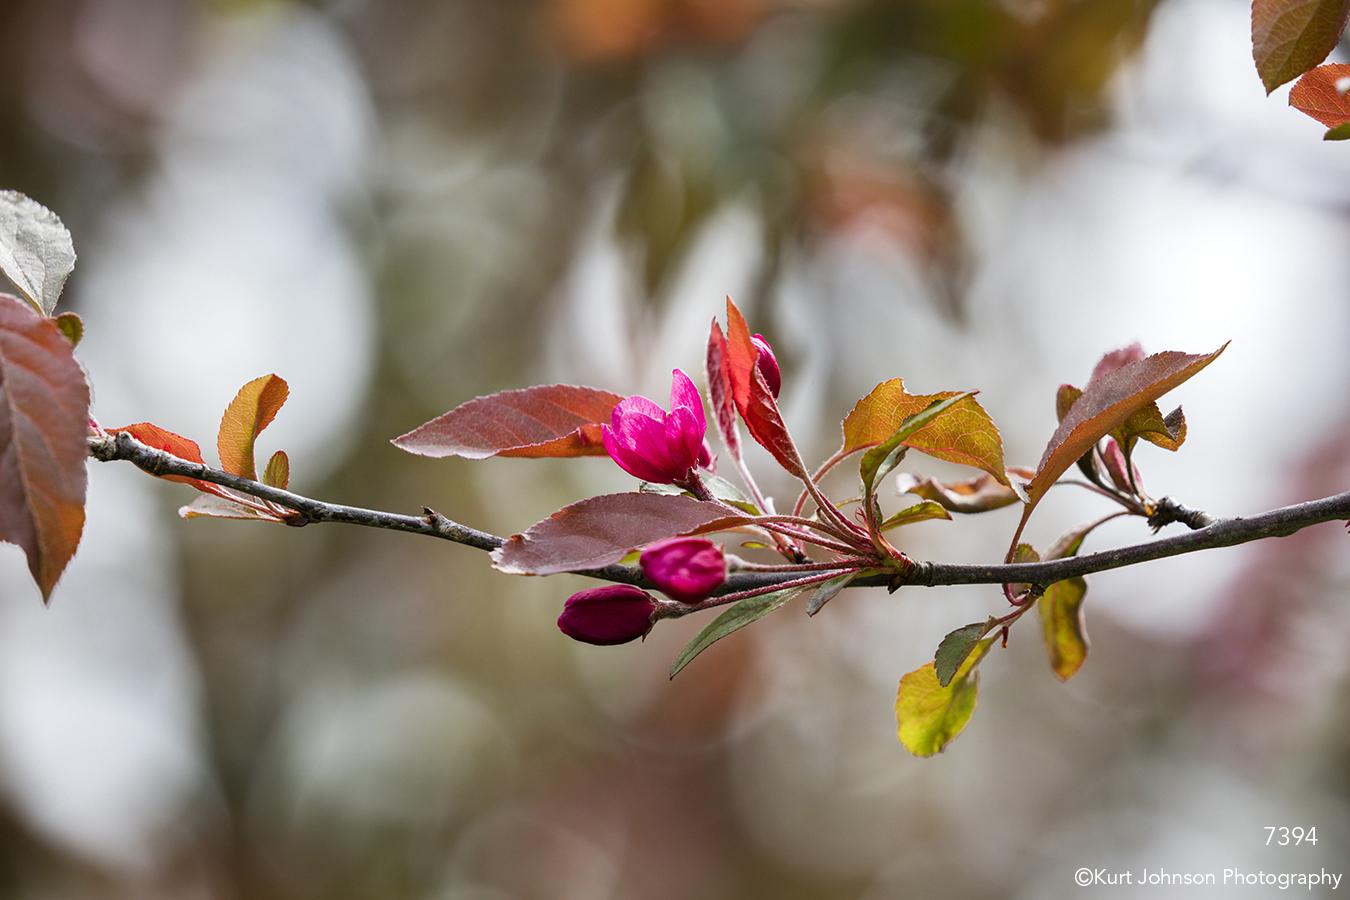 flower tree branch leaves bud blooming pink earth tones